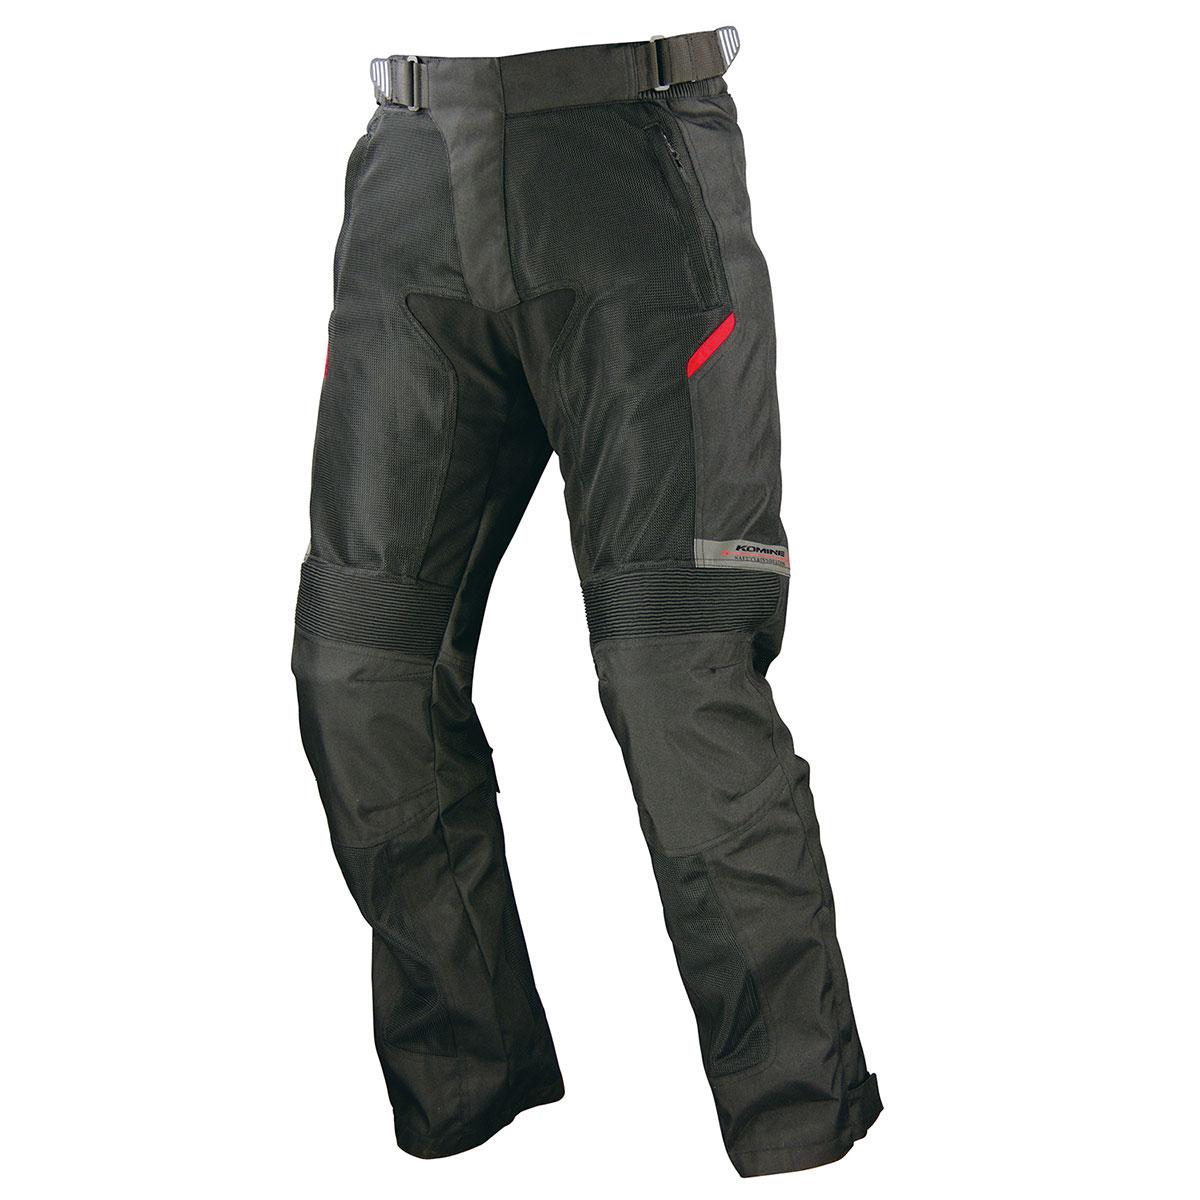 コミネ (Komine) バイク用 パンツ Pants PK-707 フルアーマードメッシュパンツ ラグーザ ブラック 黒 MTサイズ 07-707/BK/MT